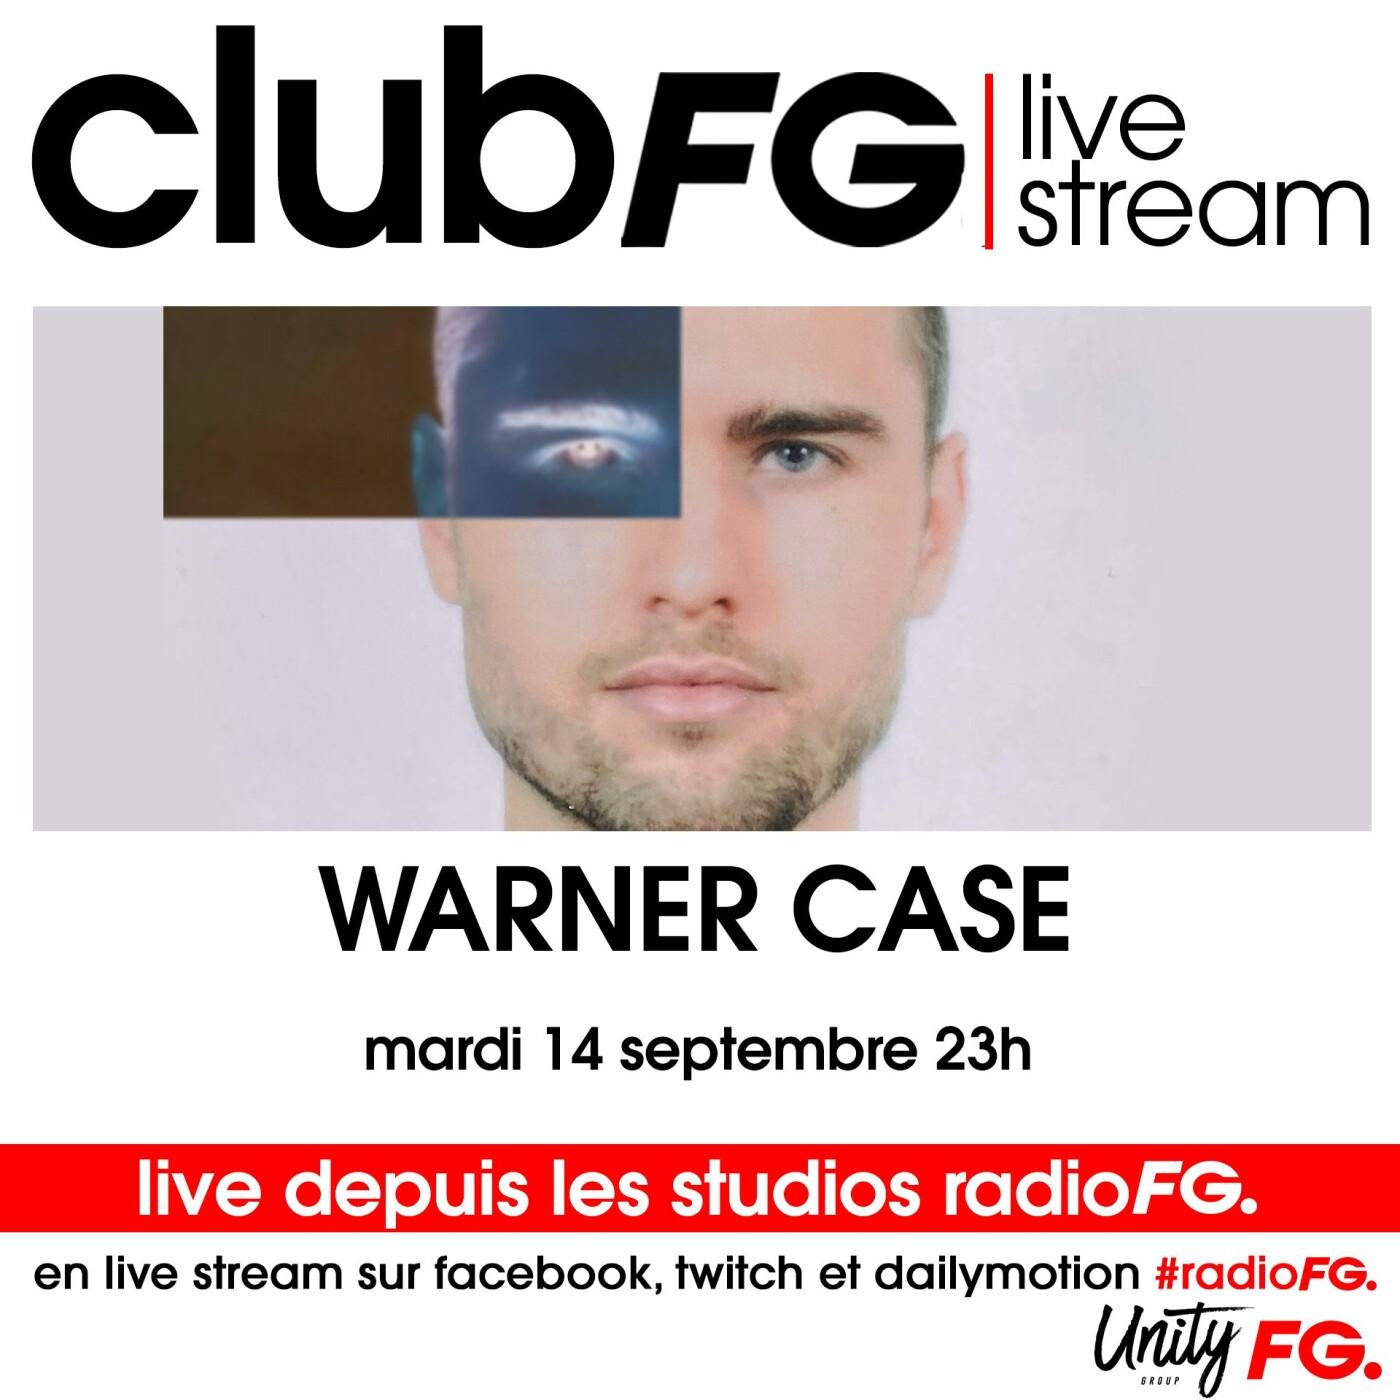 CLUB FG LIVE STREAM : WARNER CASE